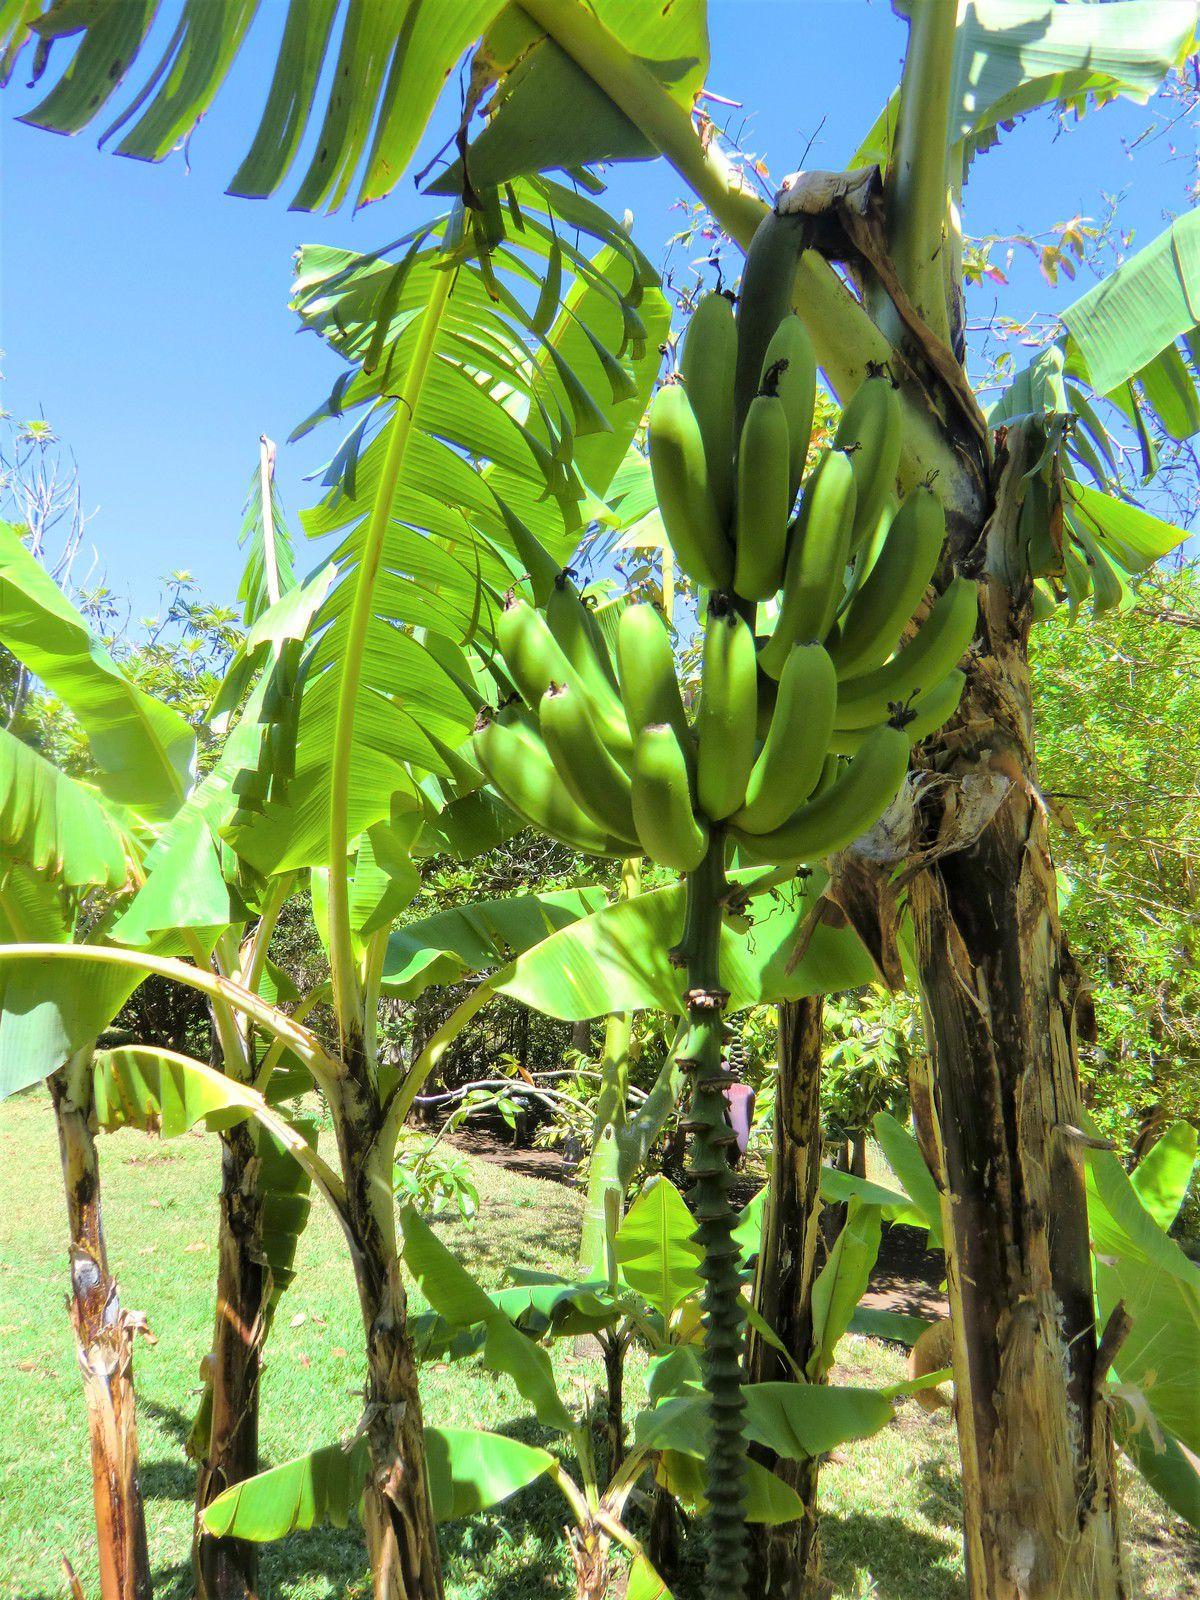 Régime de bananes, photo empruntée à Internet